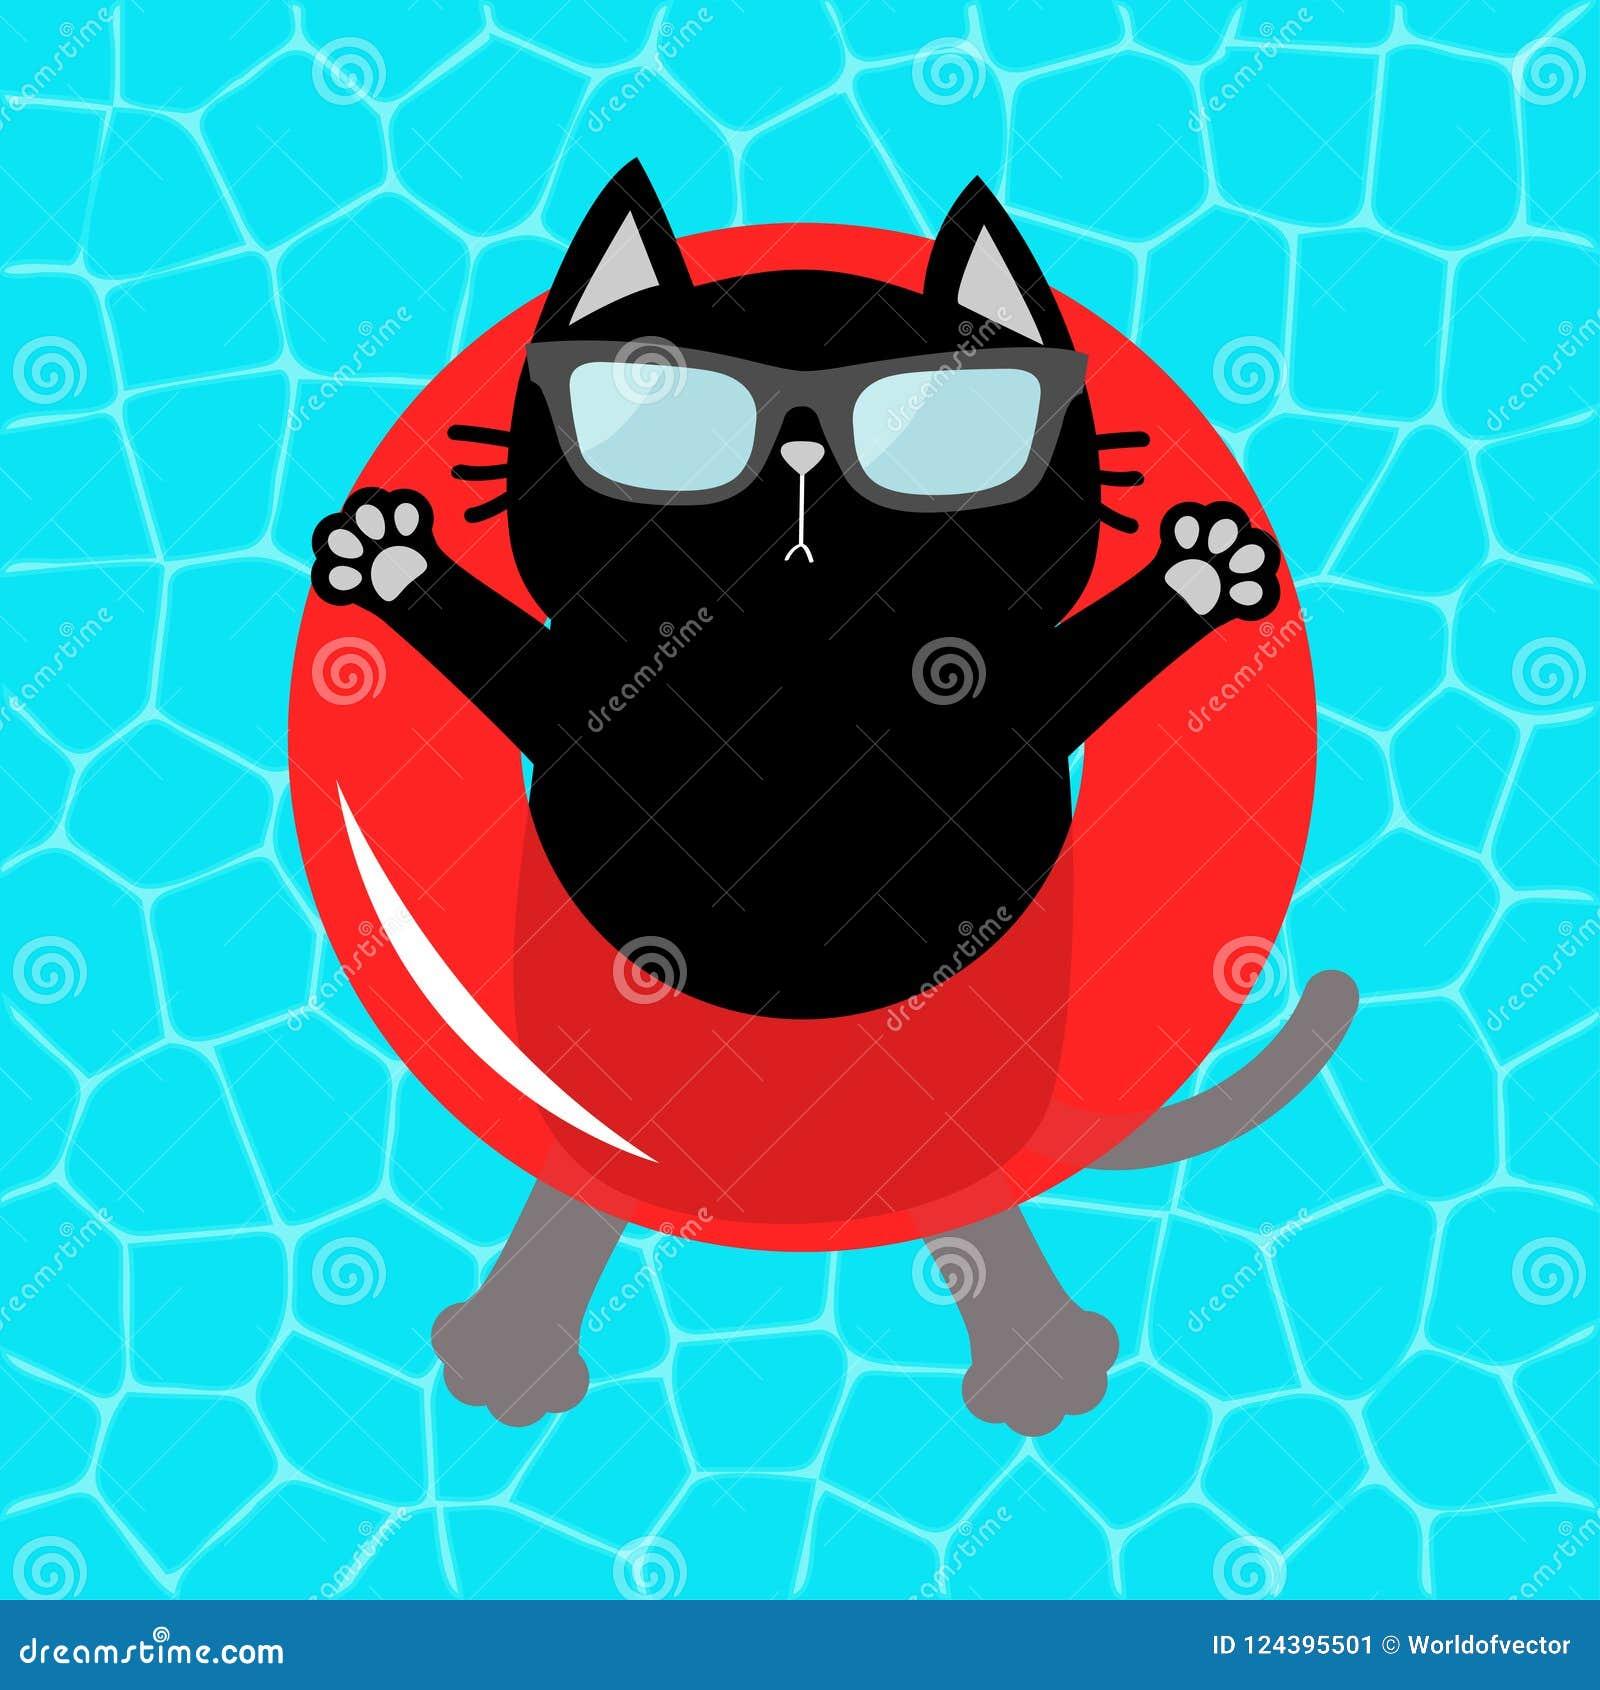 Μαύρη γάτα που επιπλέει στον κόκκινο κύκλο νερού επιπλεόντων σωμάτων λιμνών Τοπ άποψη αέρα Γειά σου καλοκαίρι Νερό πισινών Γυαλιά